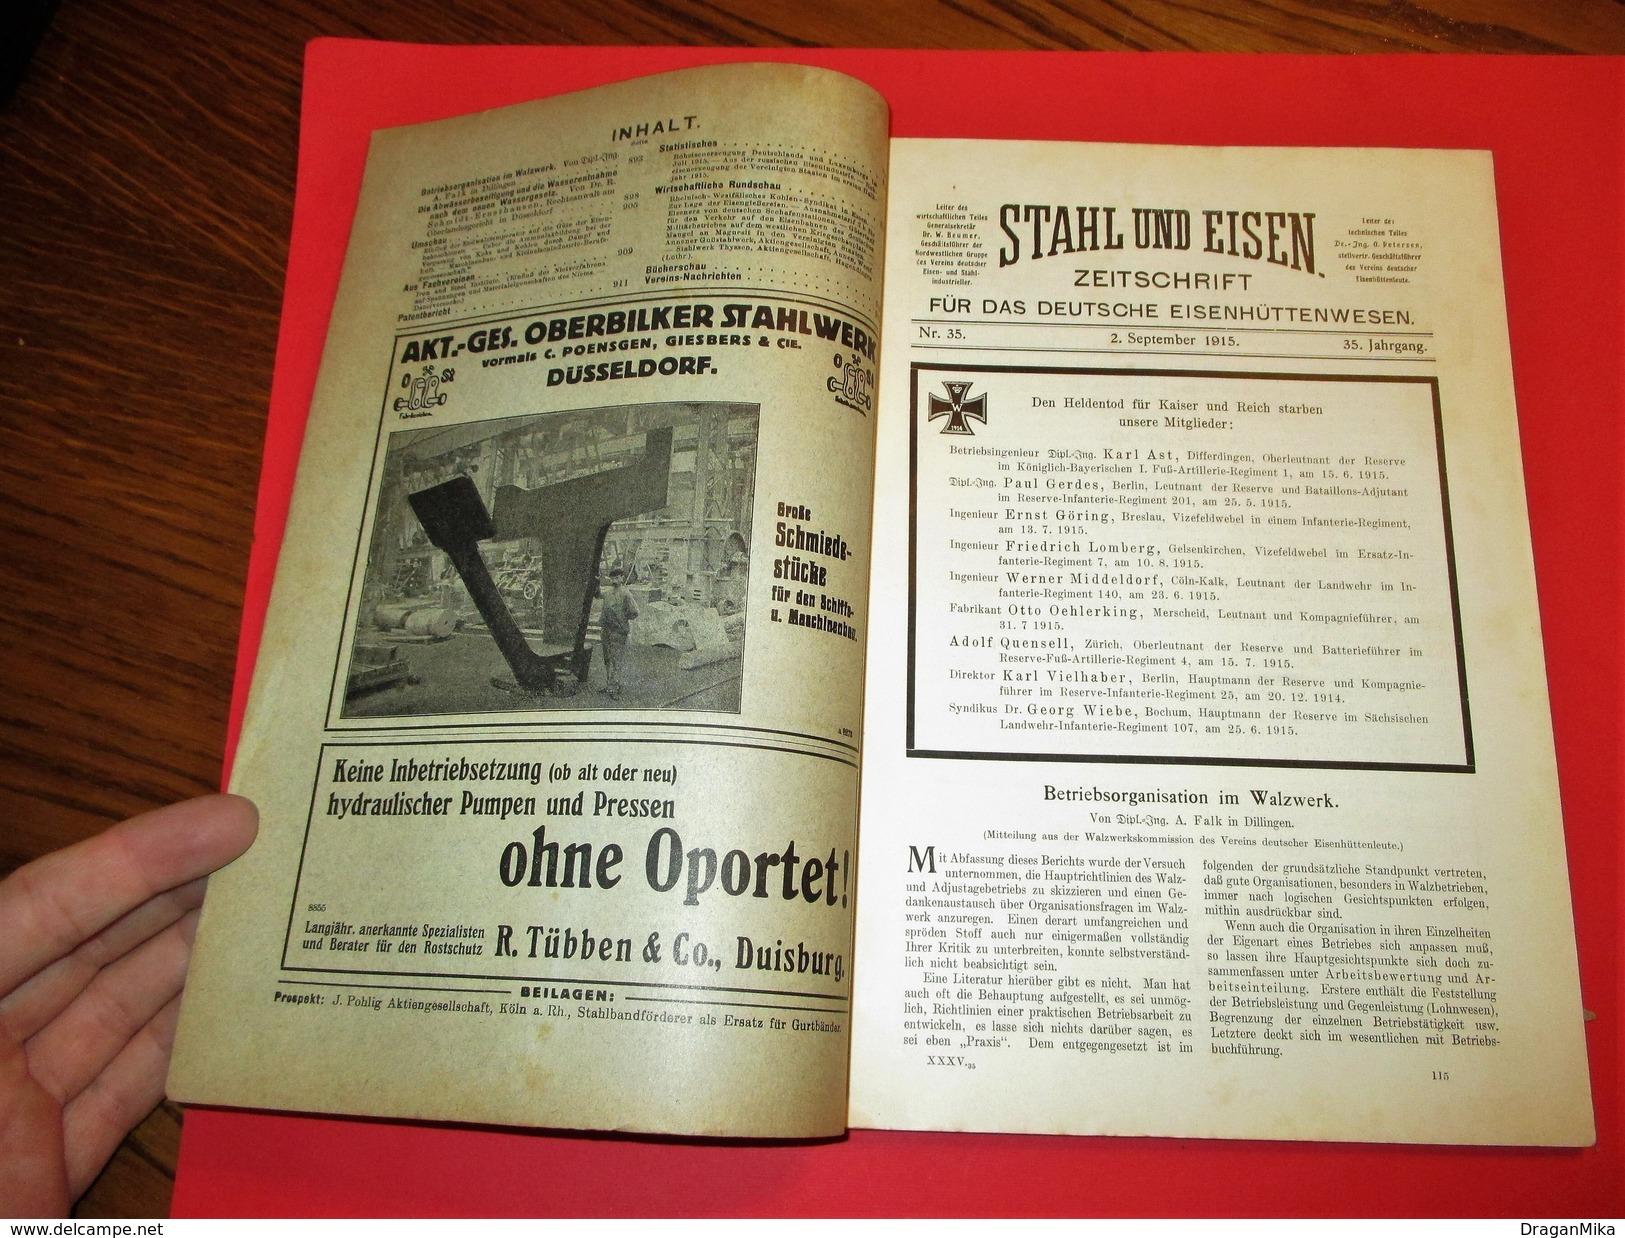 RARE: STAHL UND EISEN / STEEL AND IRON, Magazine Of German Steelworks, 2. Septembar 1915. - Bücher, Zeitschriften, Comics